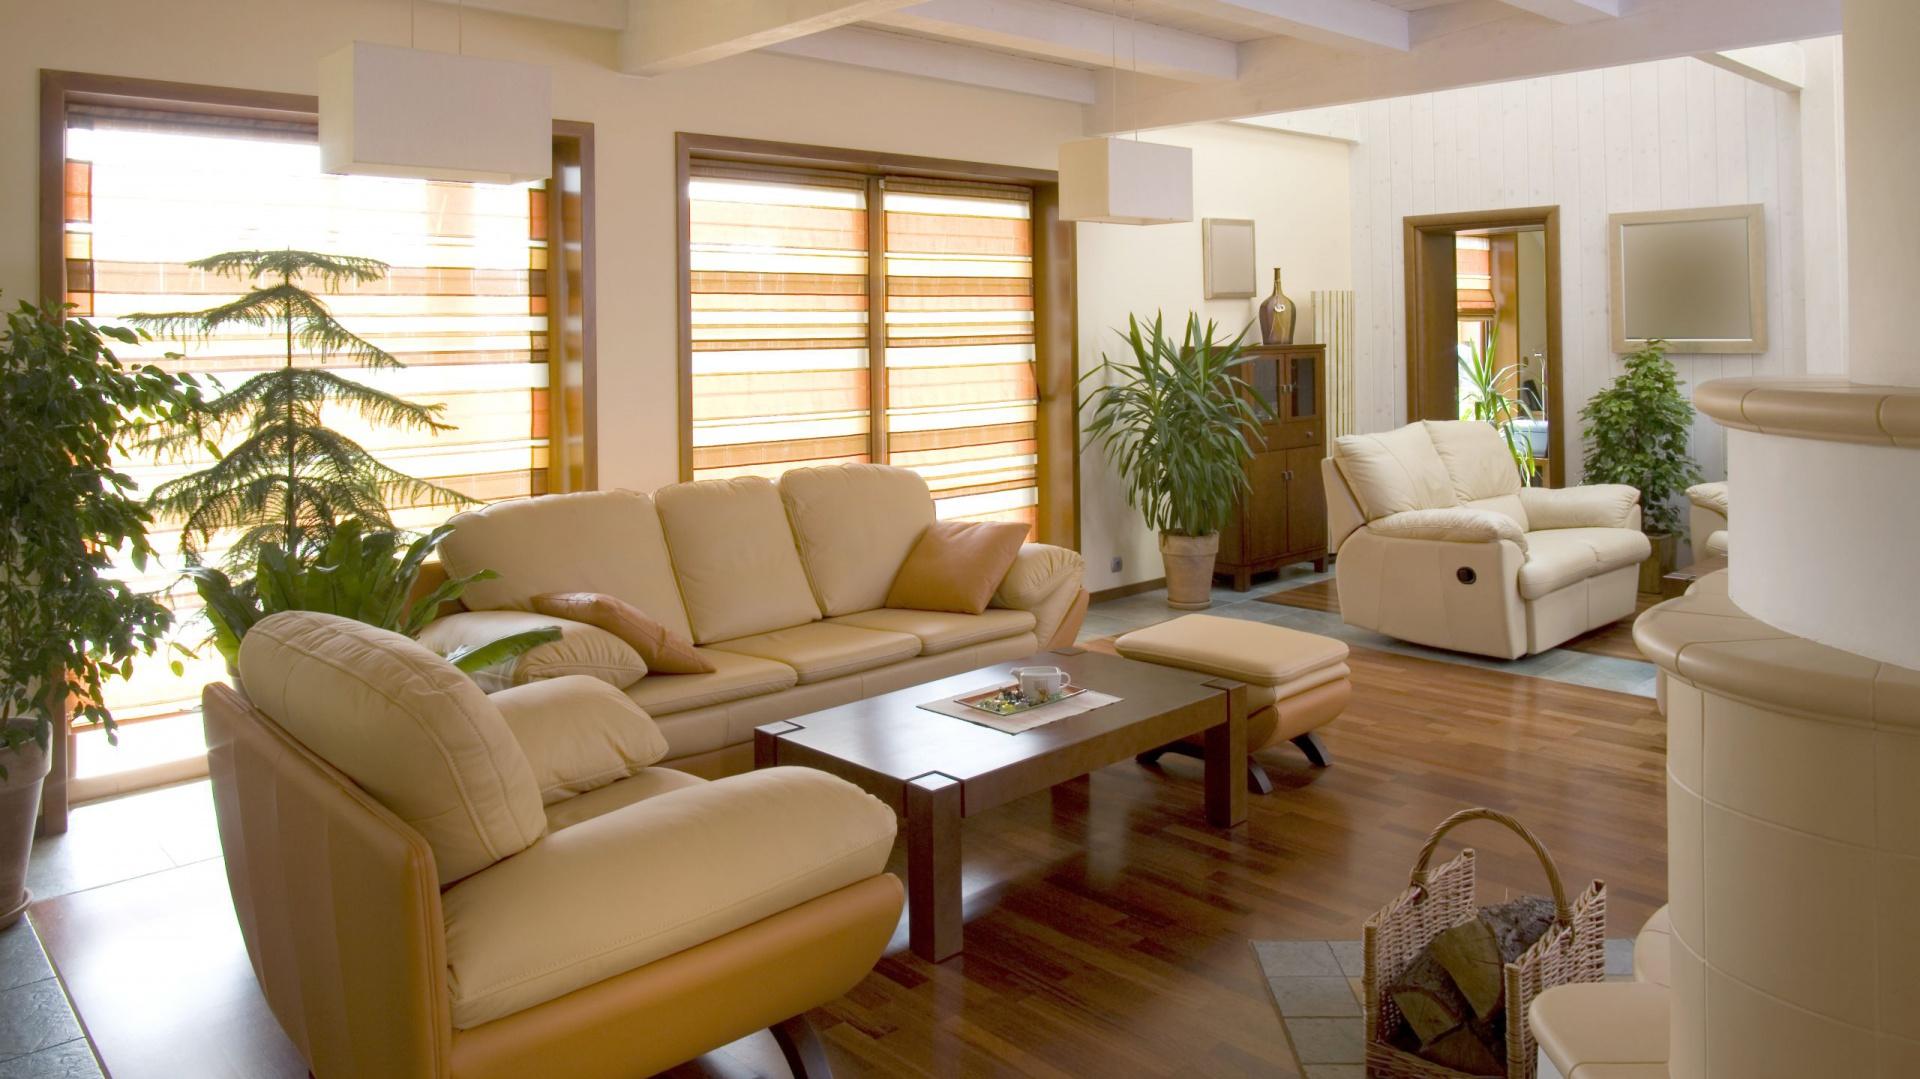 rolety rzymskie w ciep ym jasny salon z du ymi oknami. Black Bedroom Furniture Sets. Home Design Ideas